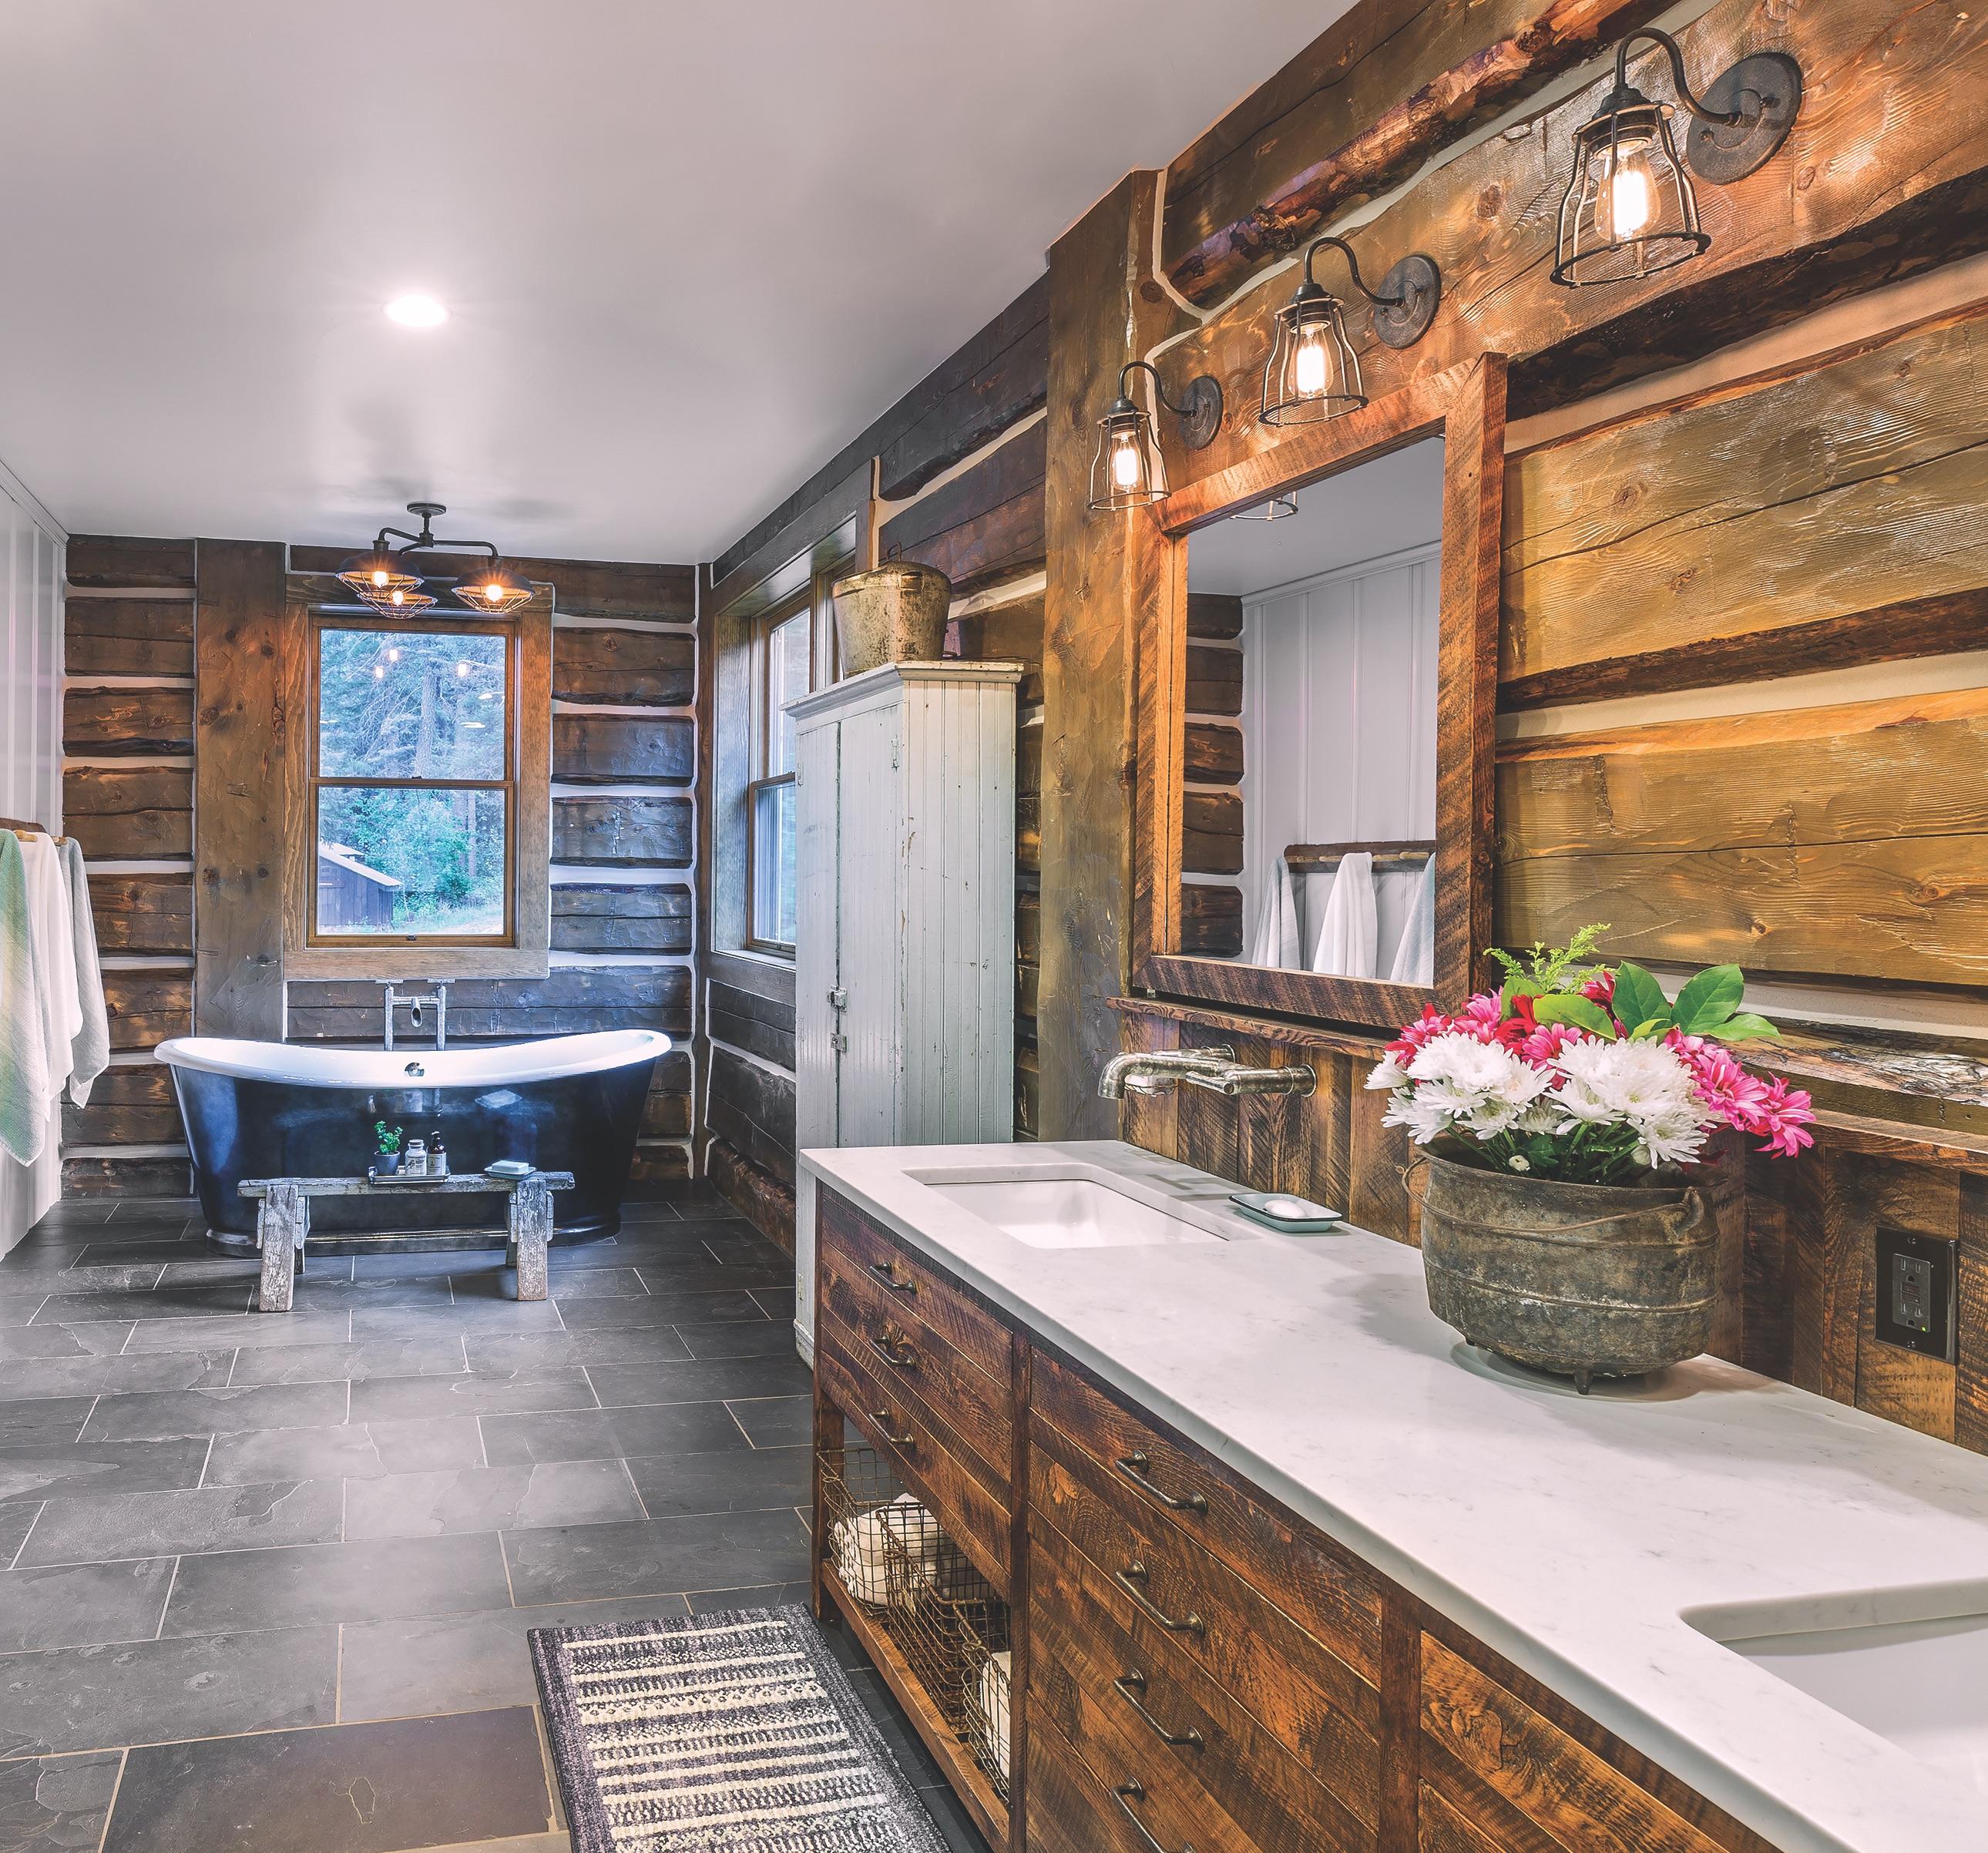 Wolf Creek Bath